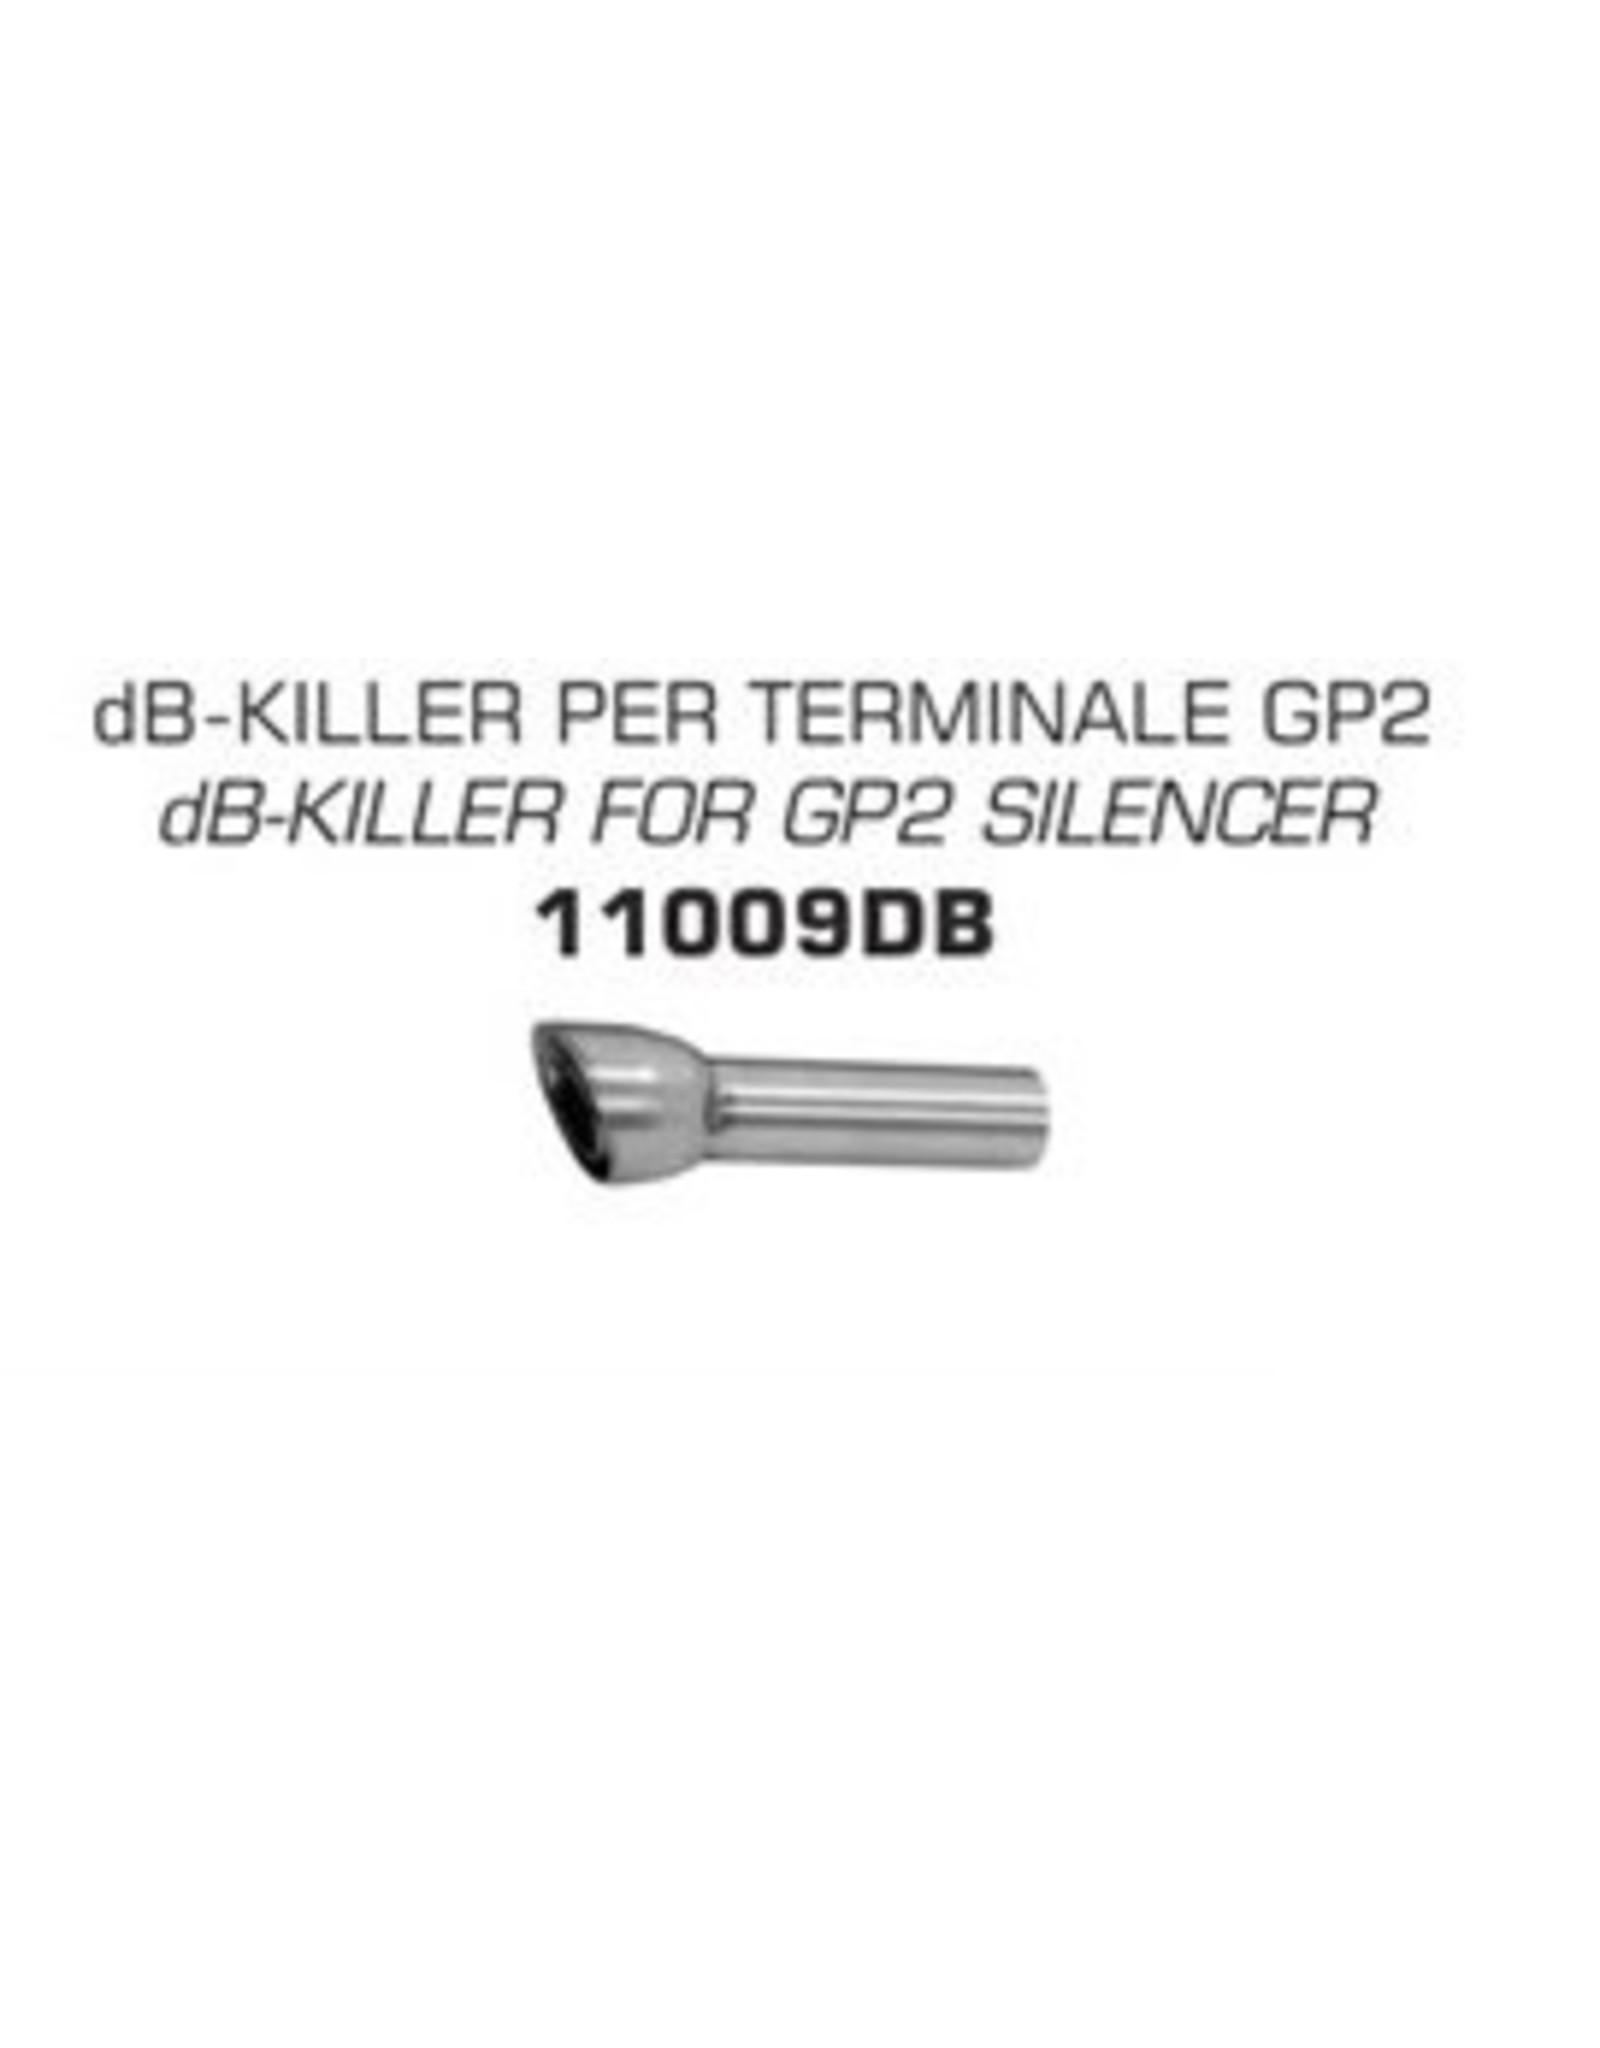 Arrow db killer gp2 silencer 09-13